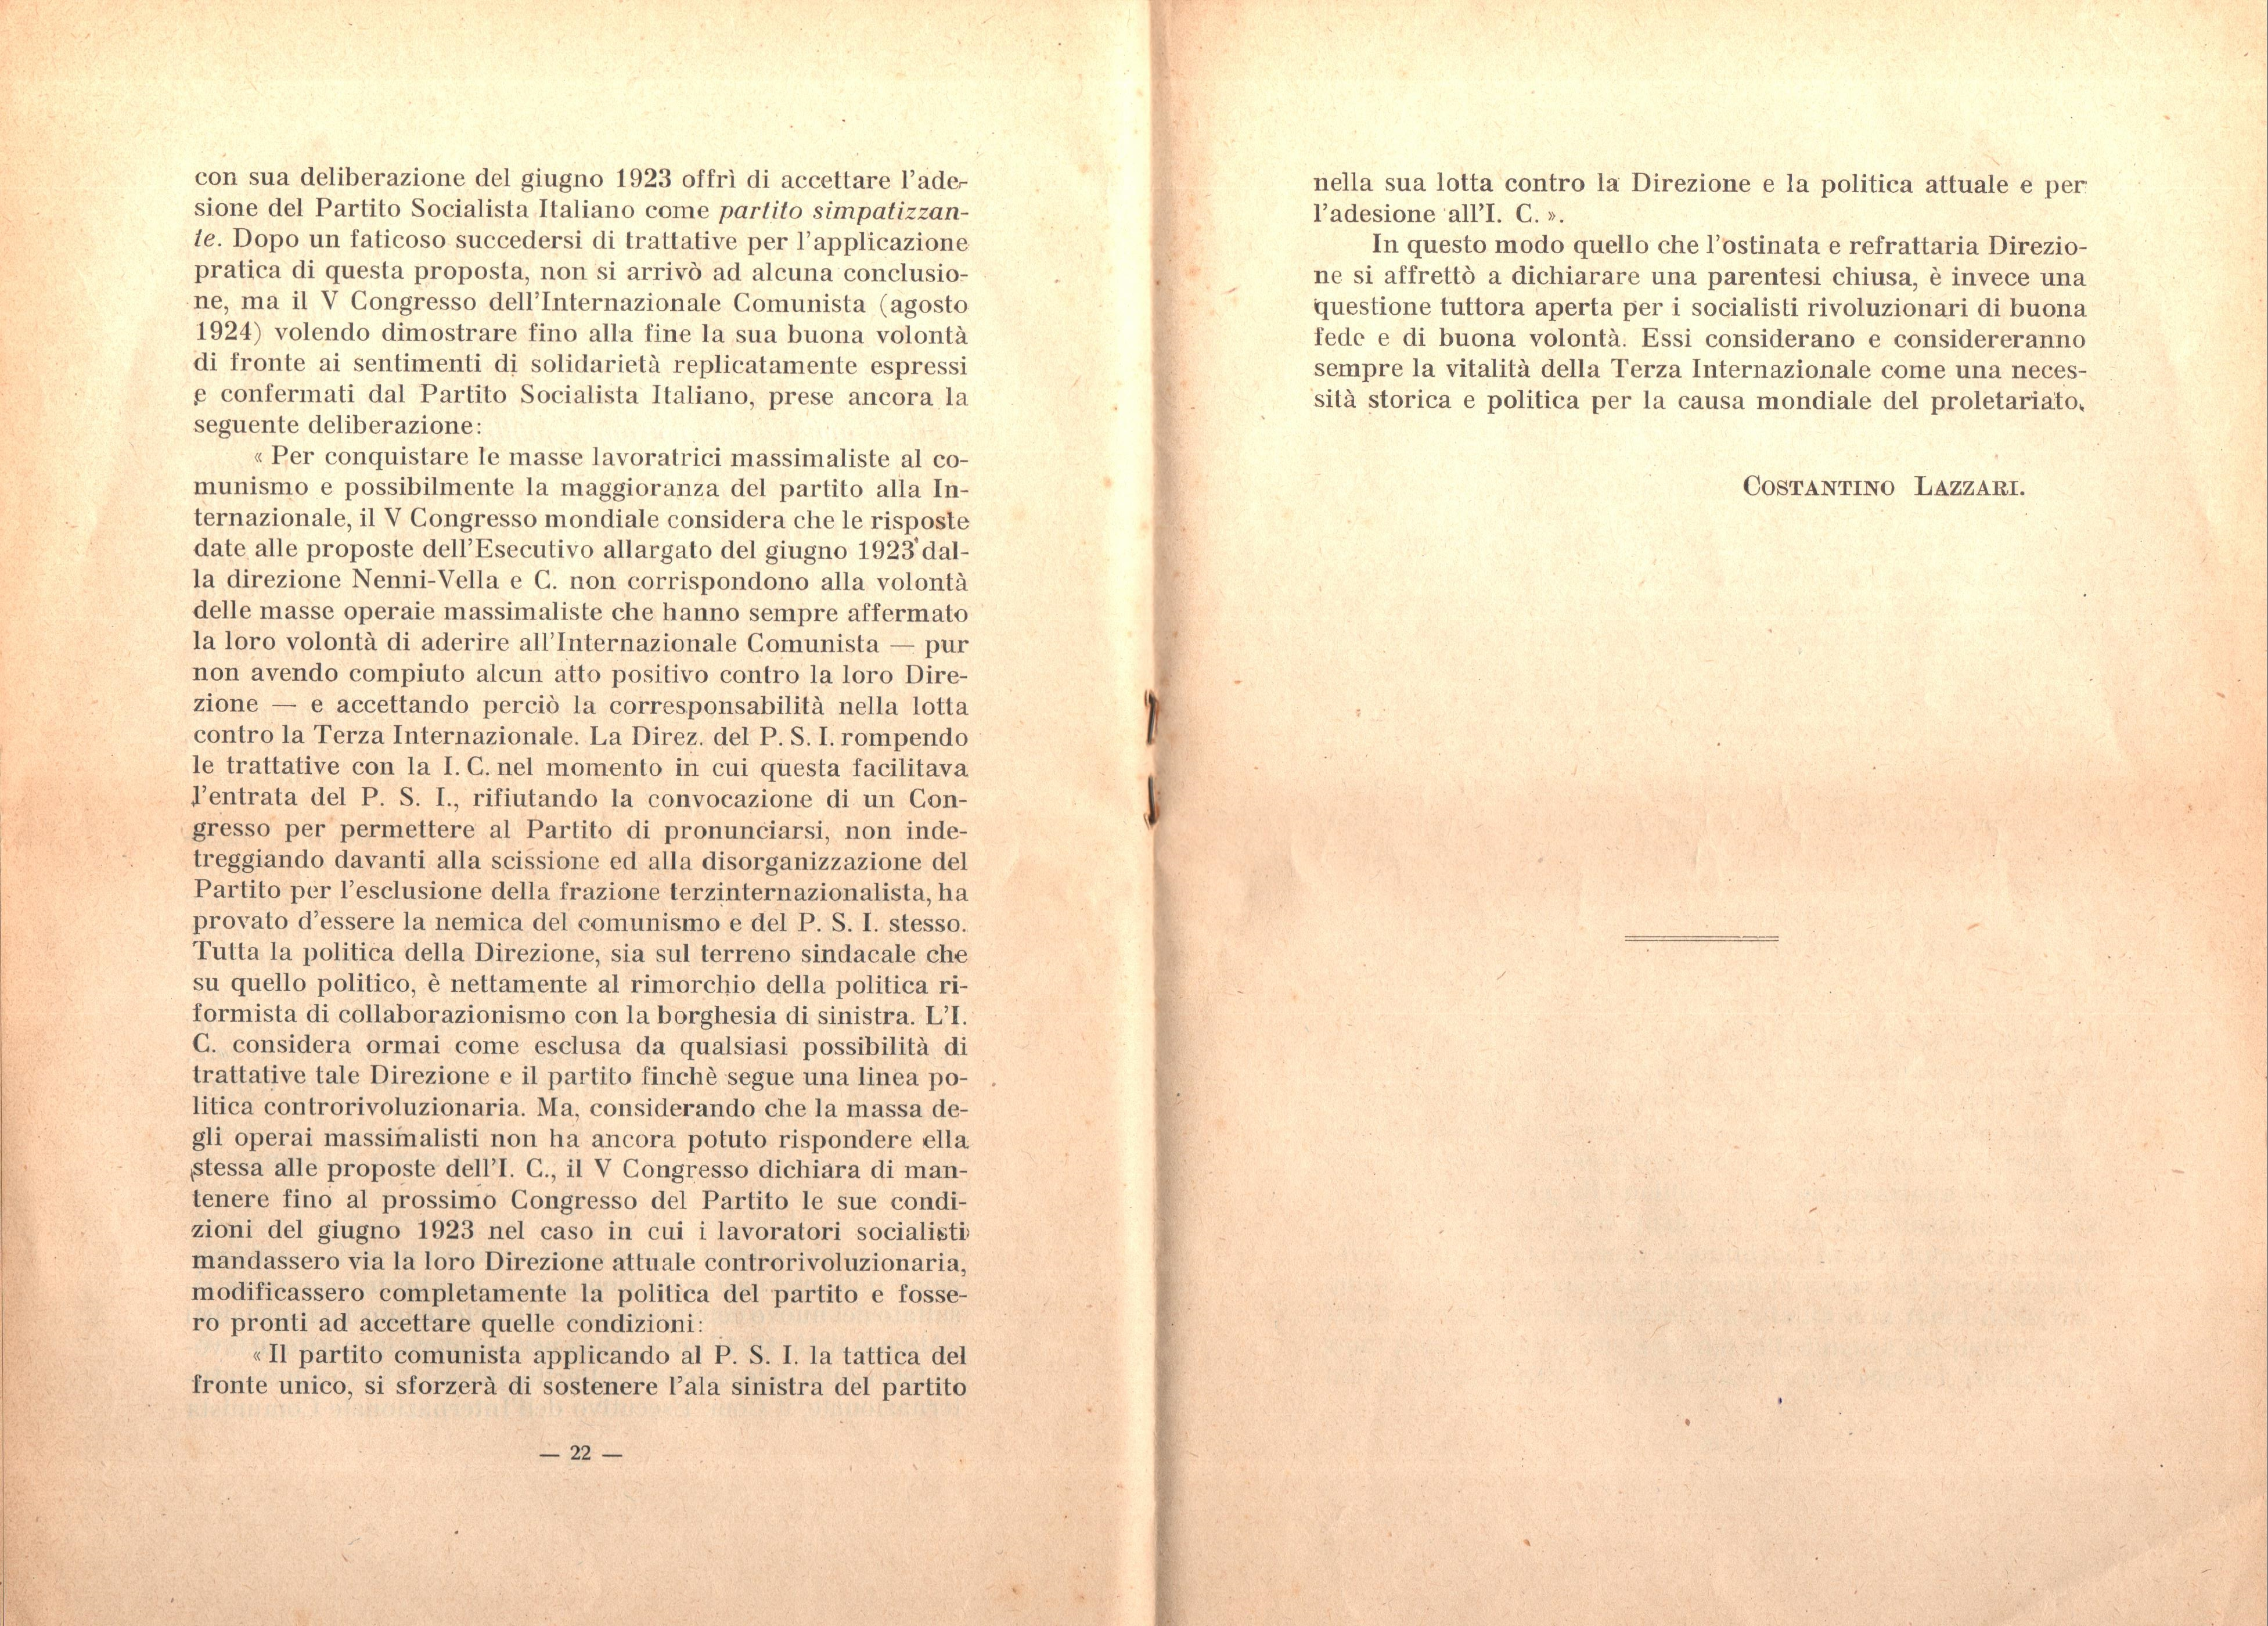 C. Lazzari, Il mio ultimo colloquio con Nicola Lenin - pag. 13